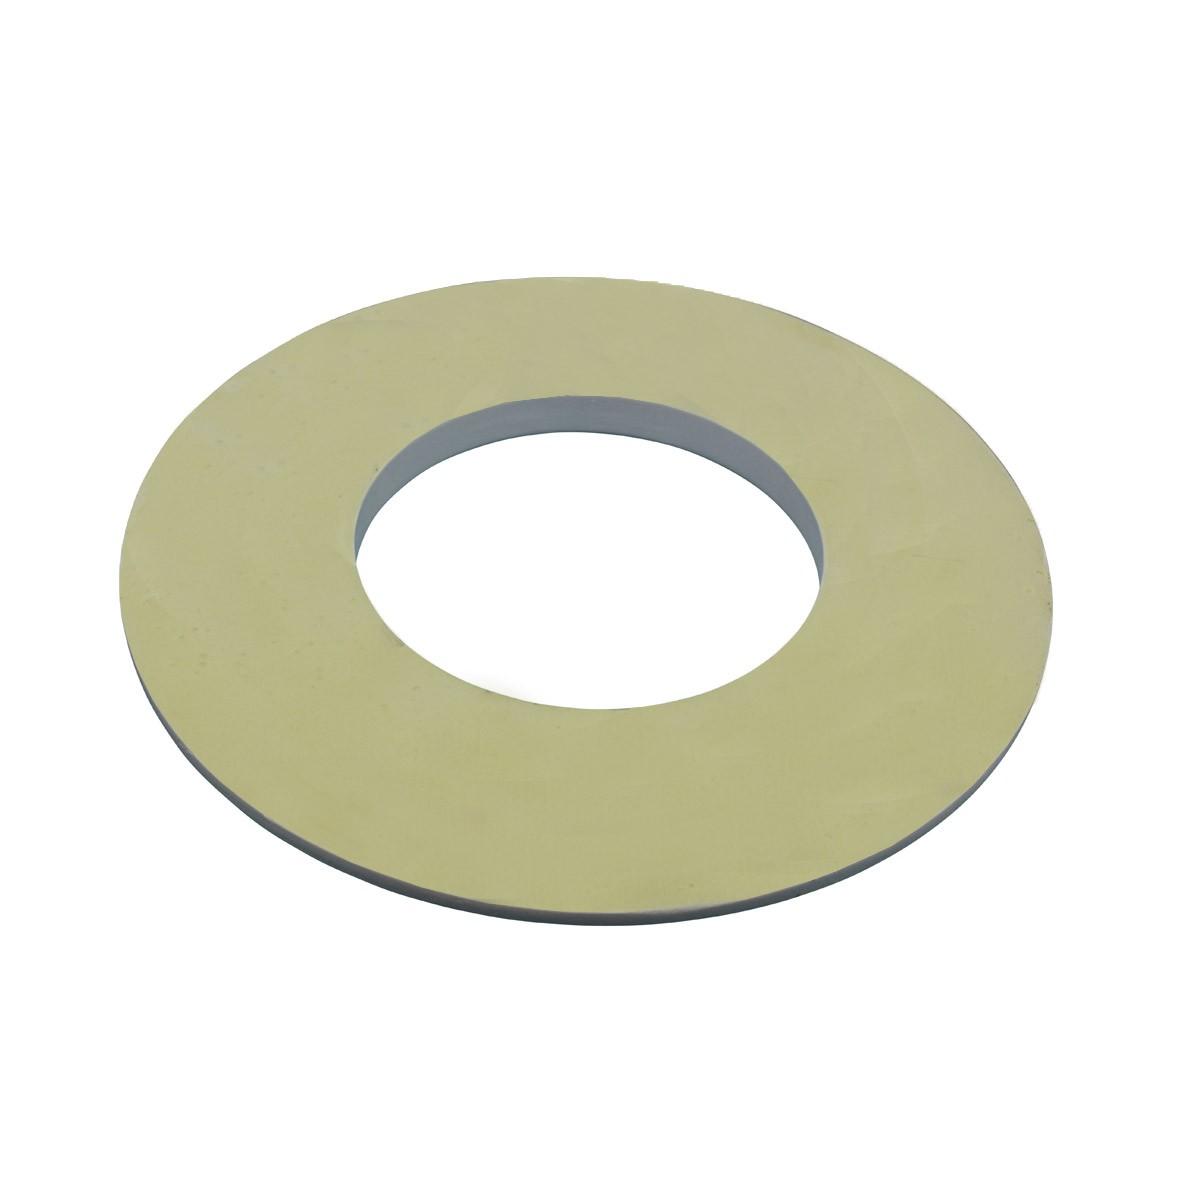 Spot Light Ring White Trim 4 ID x 8 OD Mini Medallion White Recessed Light Trim Decorative Recessed Lighting Trim Spotlight Ceiling Medallion